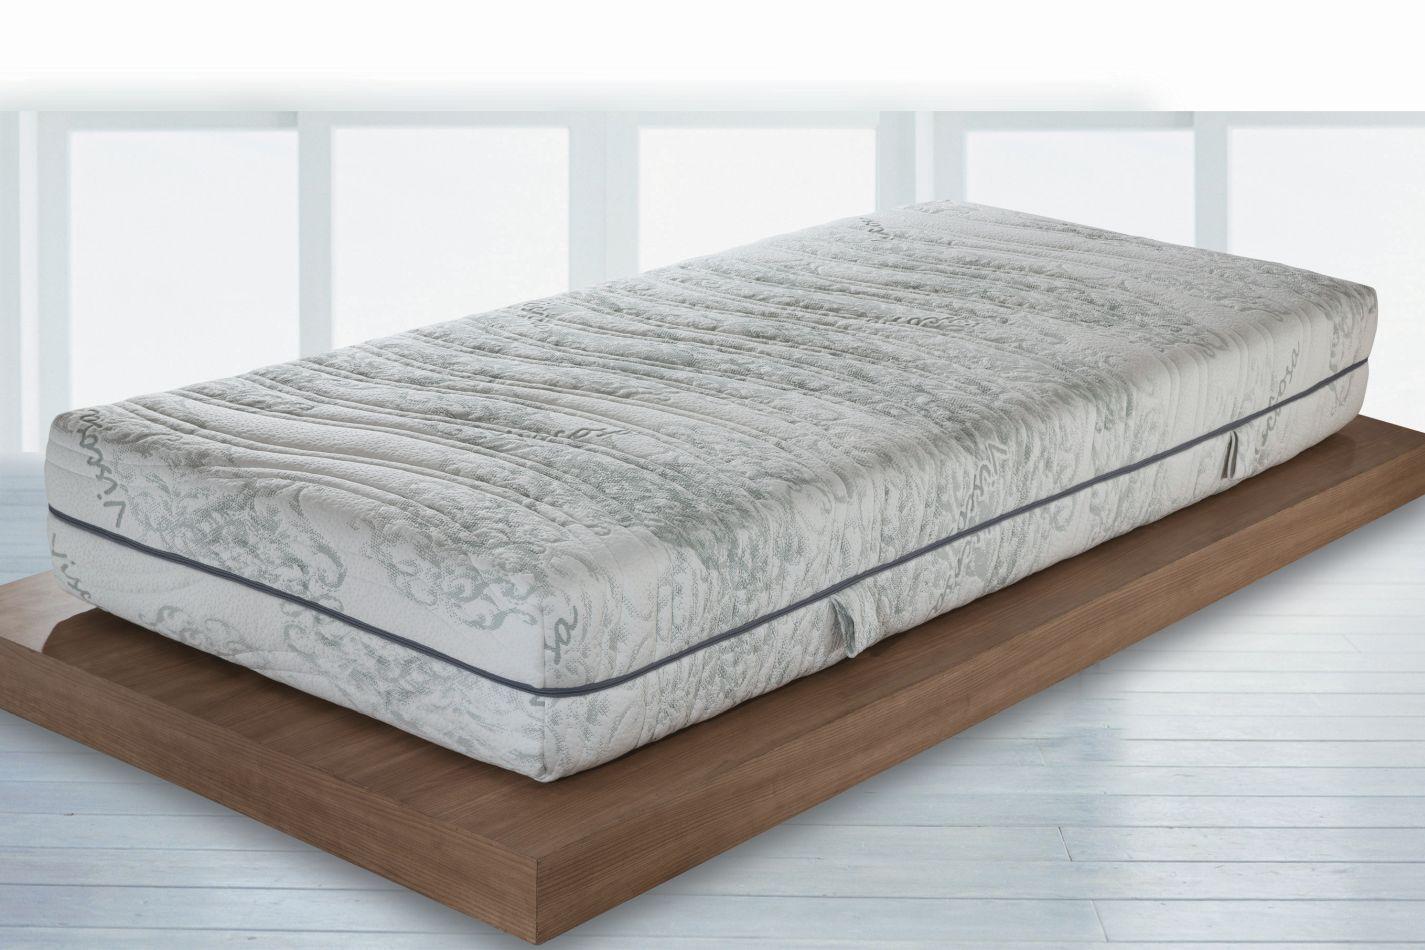 Matratze Balance Plus mit Taschen Federkern  - Abmessungen: 120 x 190 cm